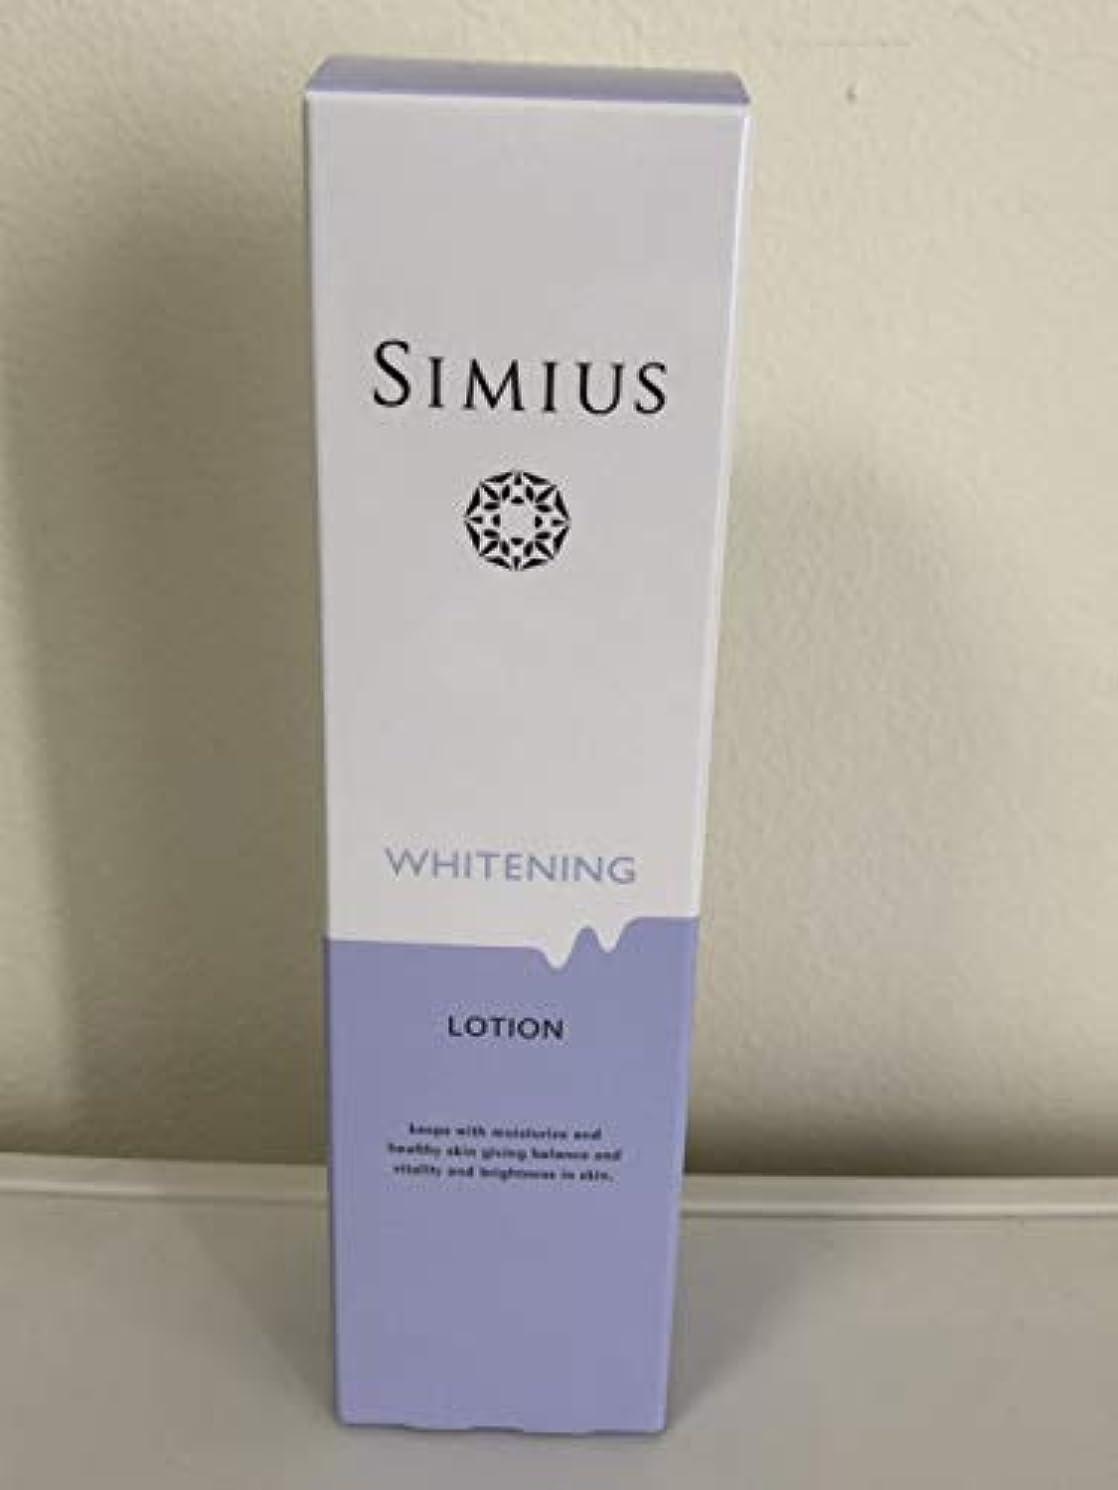 社会主義者罰アッパーGrace&Lucere Simius シミウス 薬用美白ホワイトC 化粧水 150ml